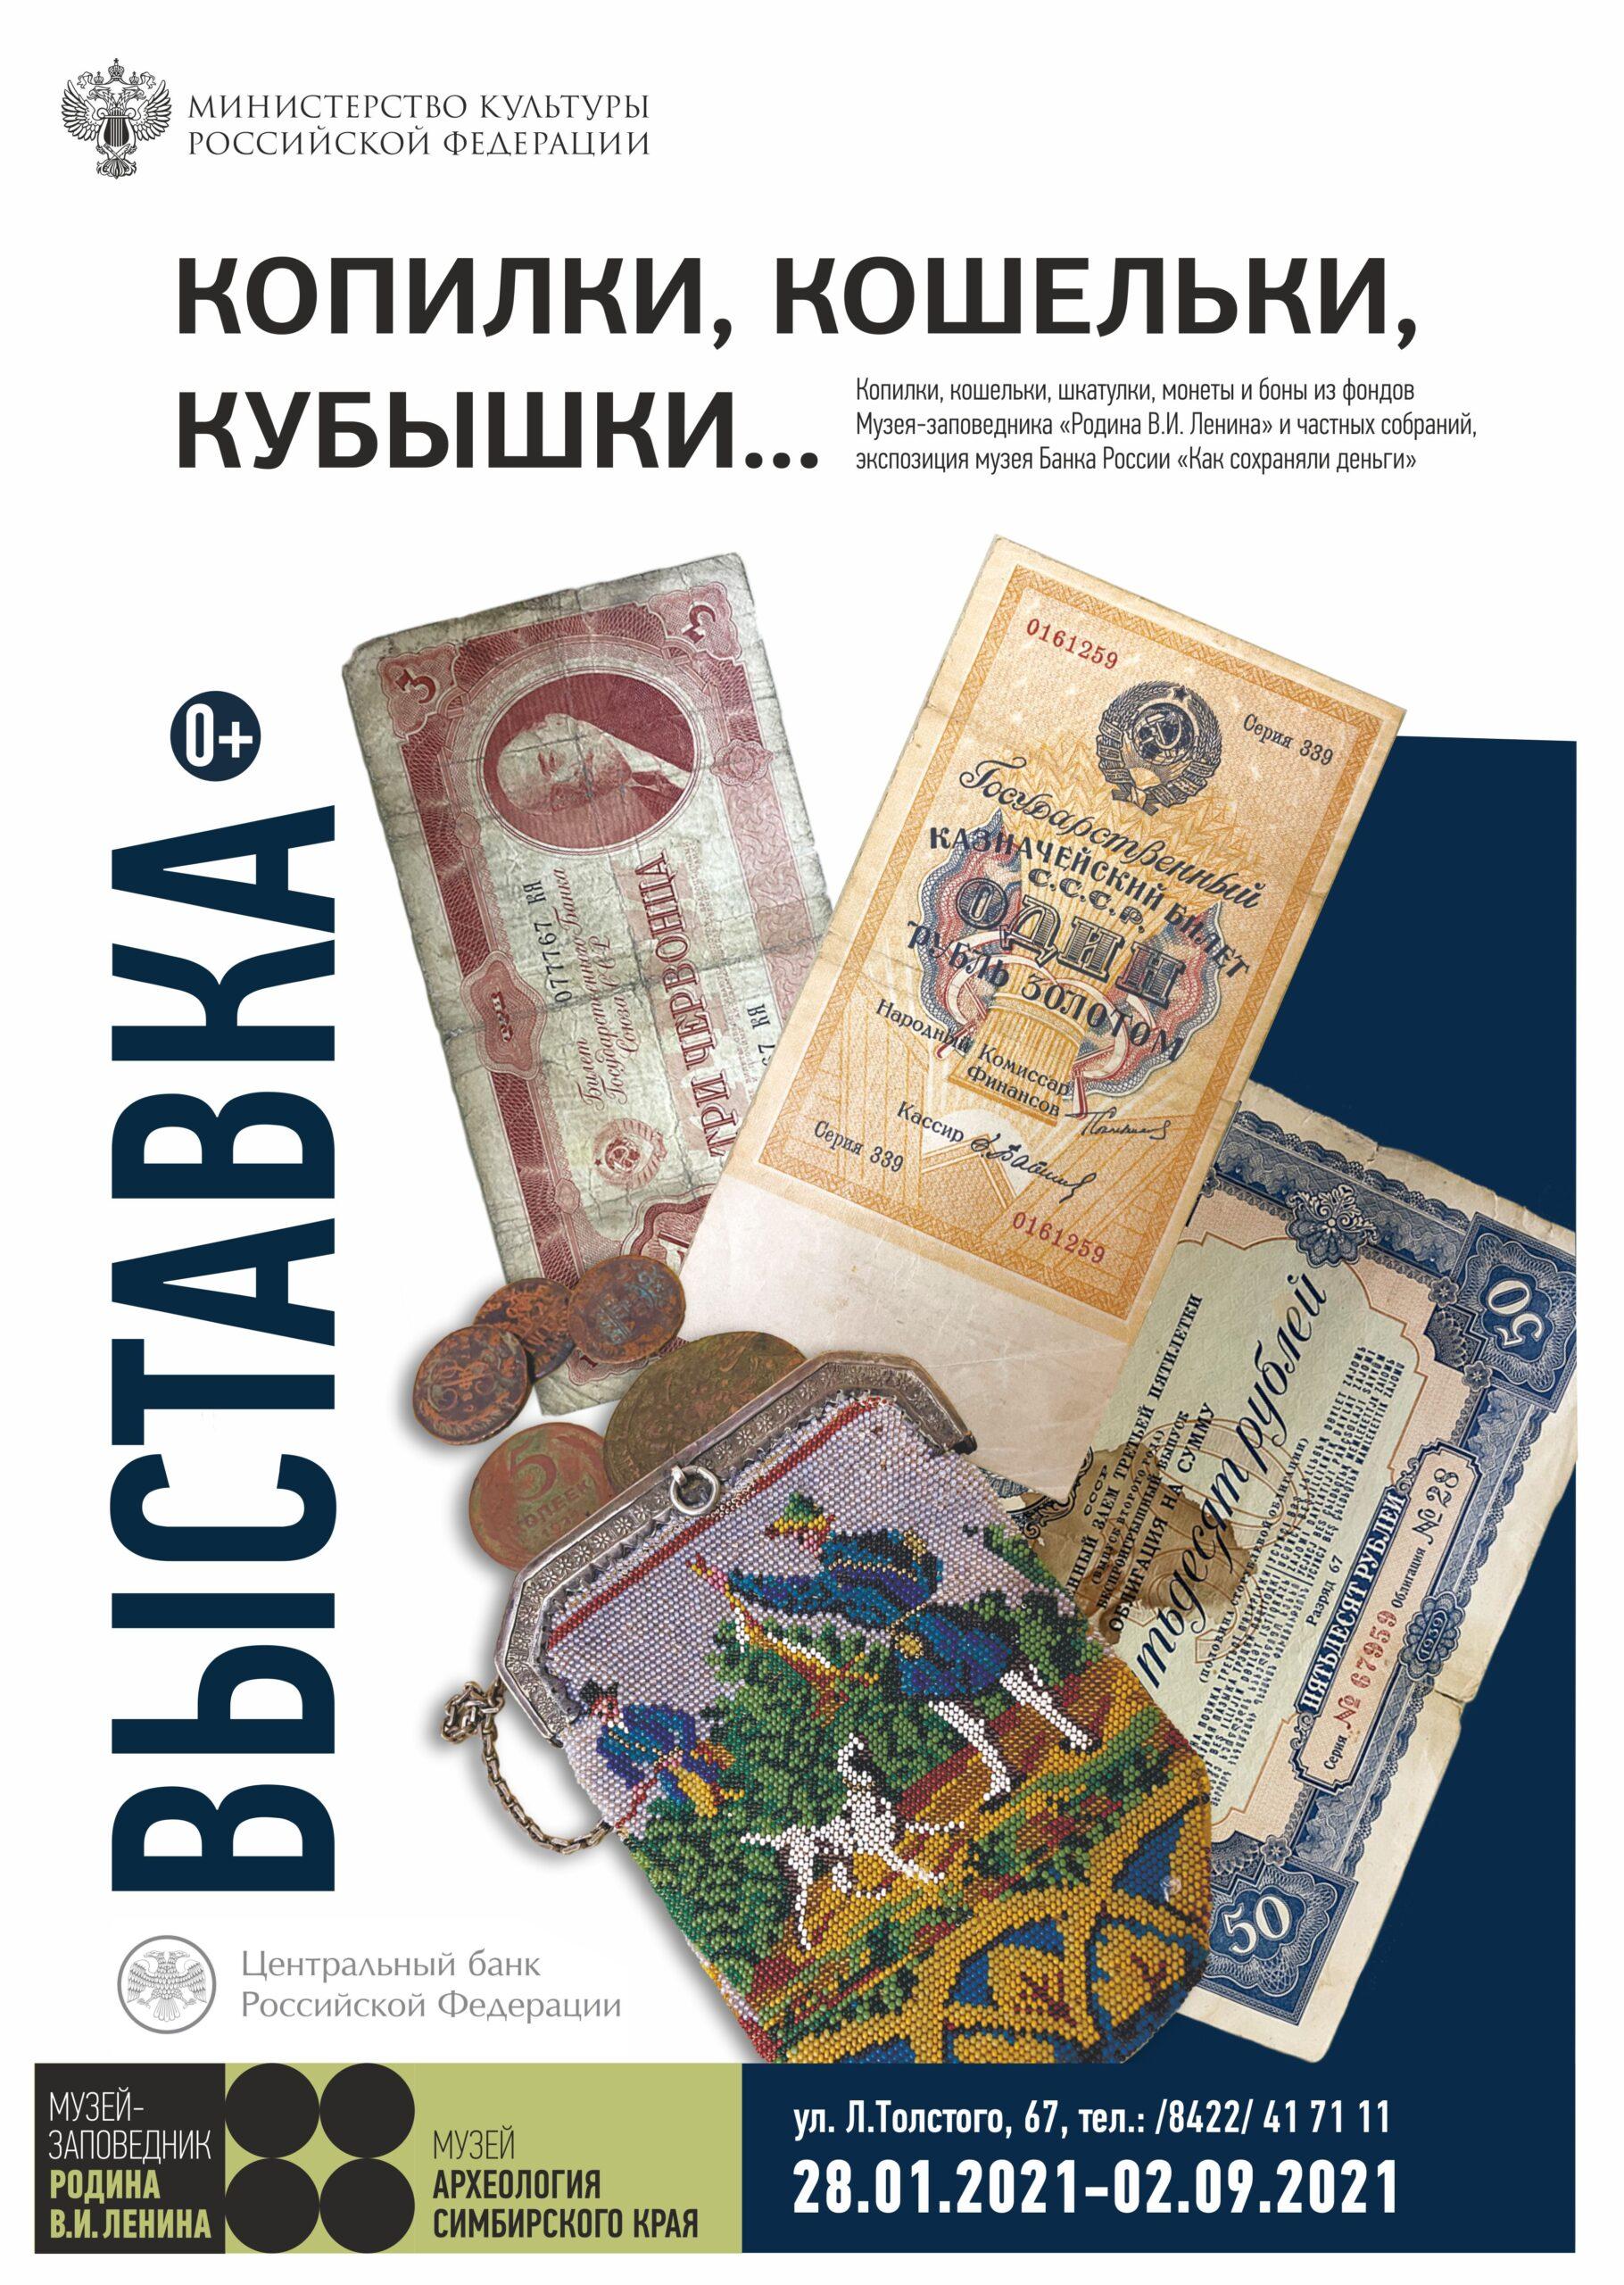 Выставка «Копилки, кошельки, кубышки…» @ ул. Л.Толстого, д. 67